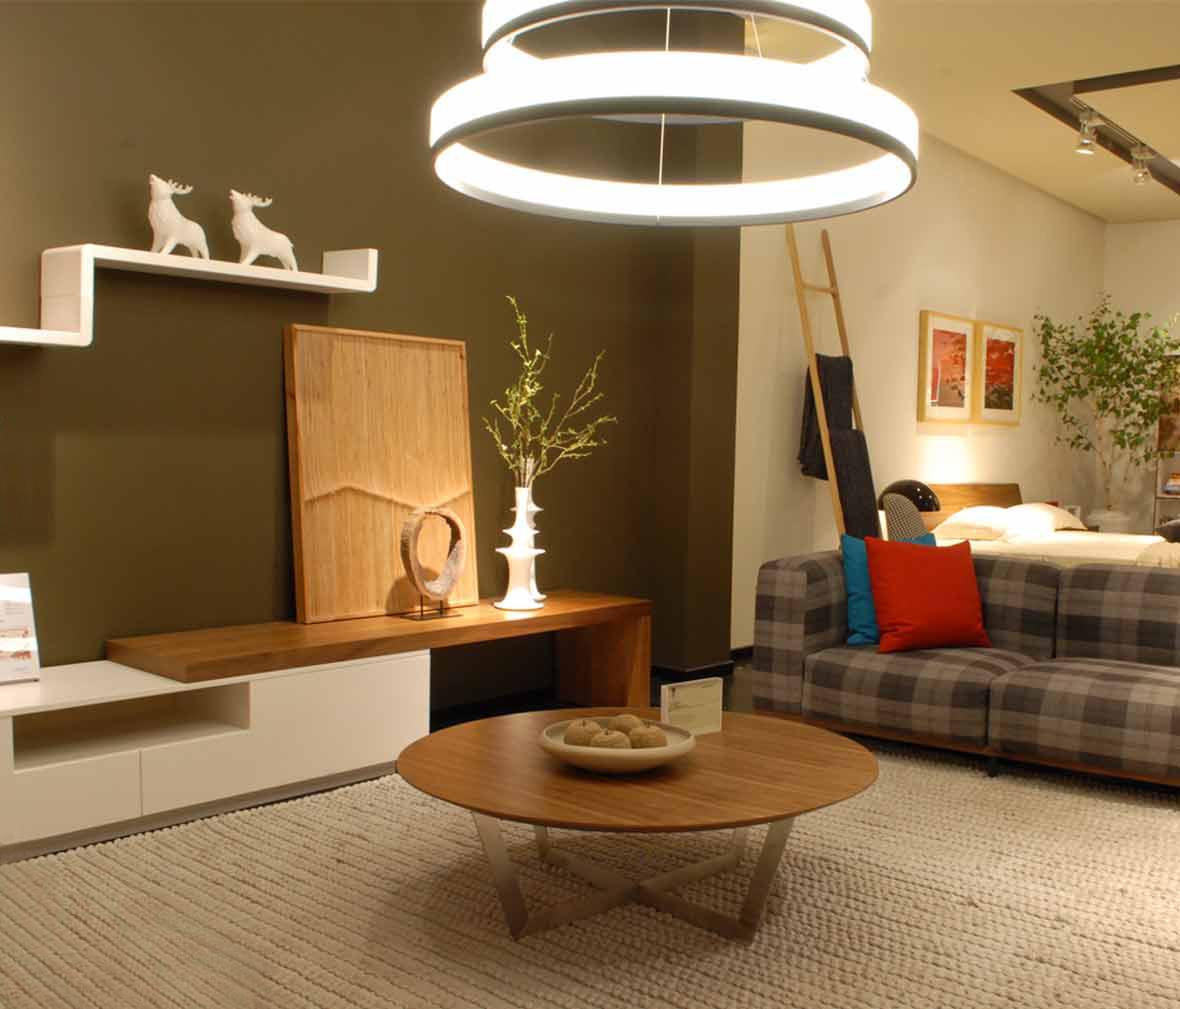 尚景家具 ct380型号 茶几 胡桃木材质 北欧简约风格